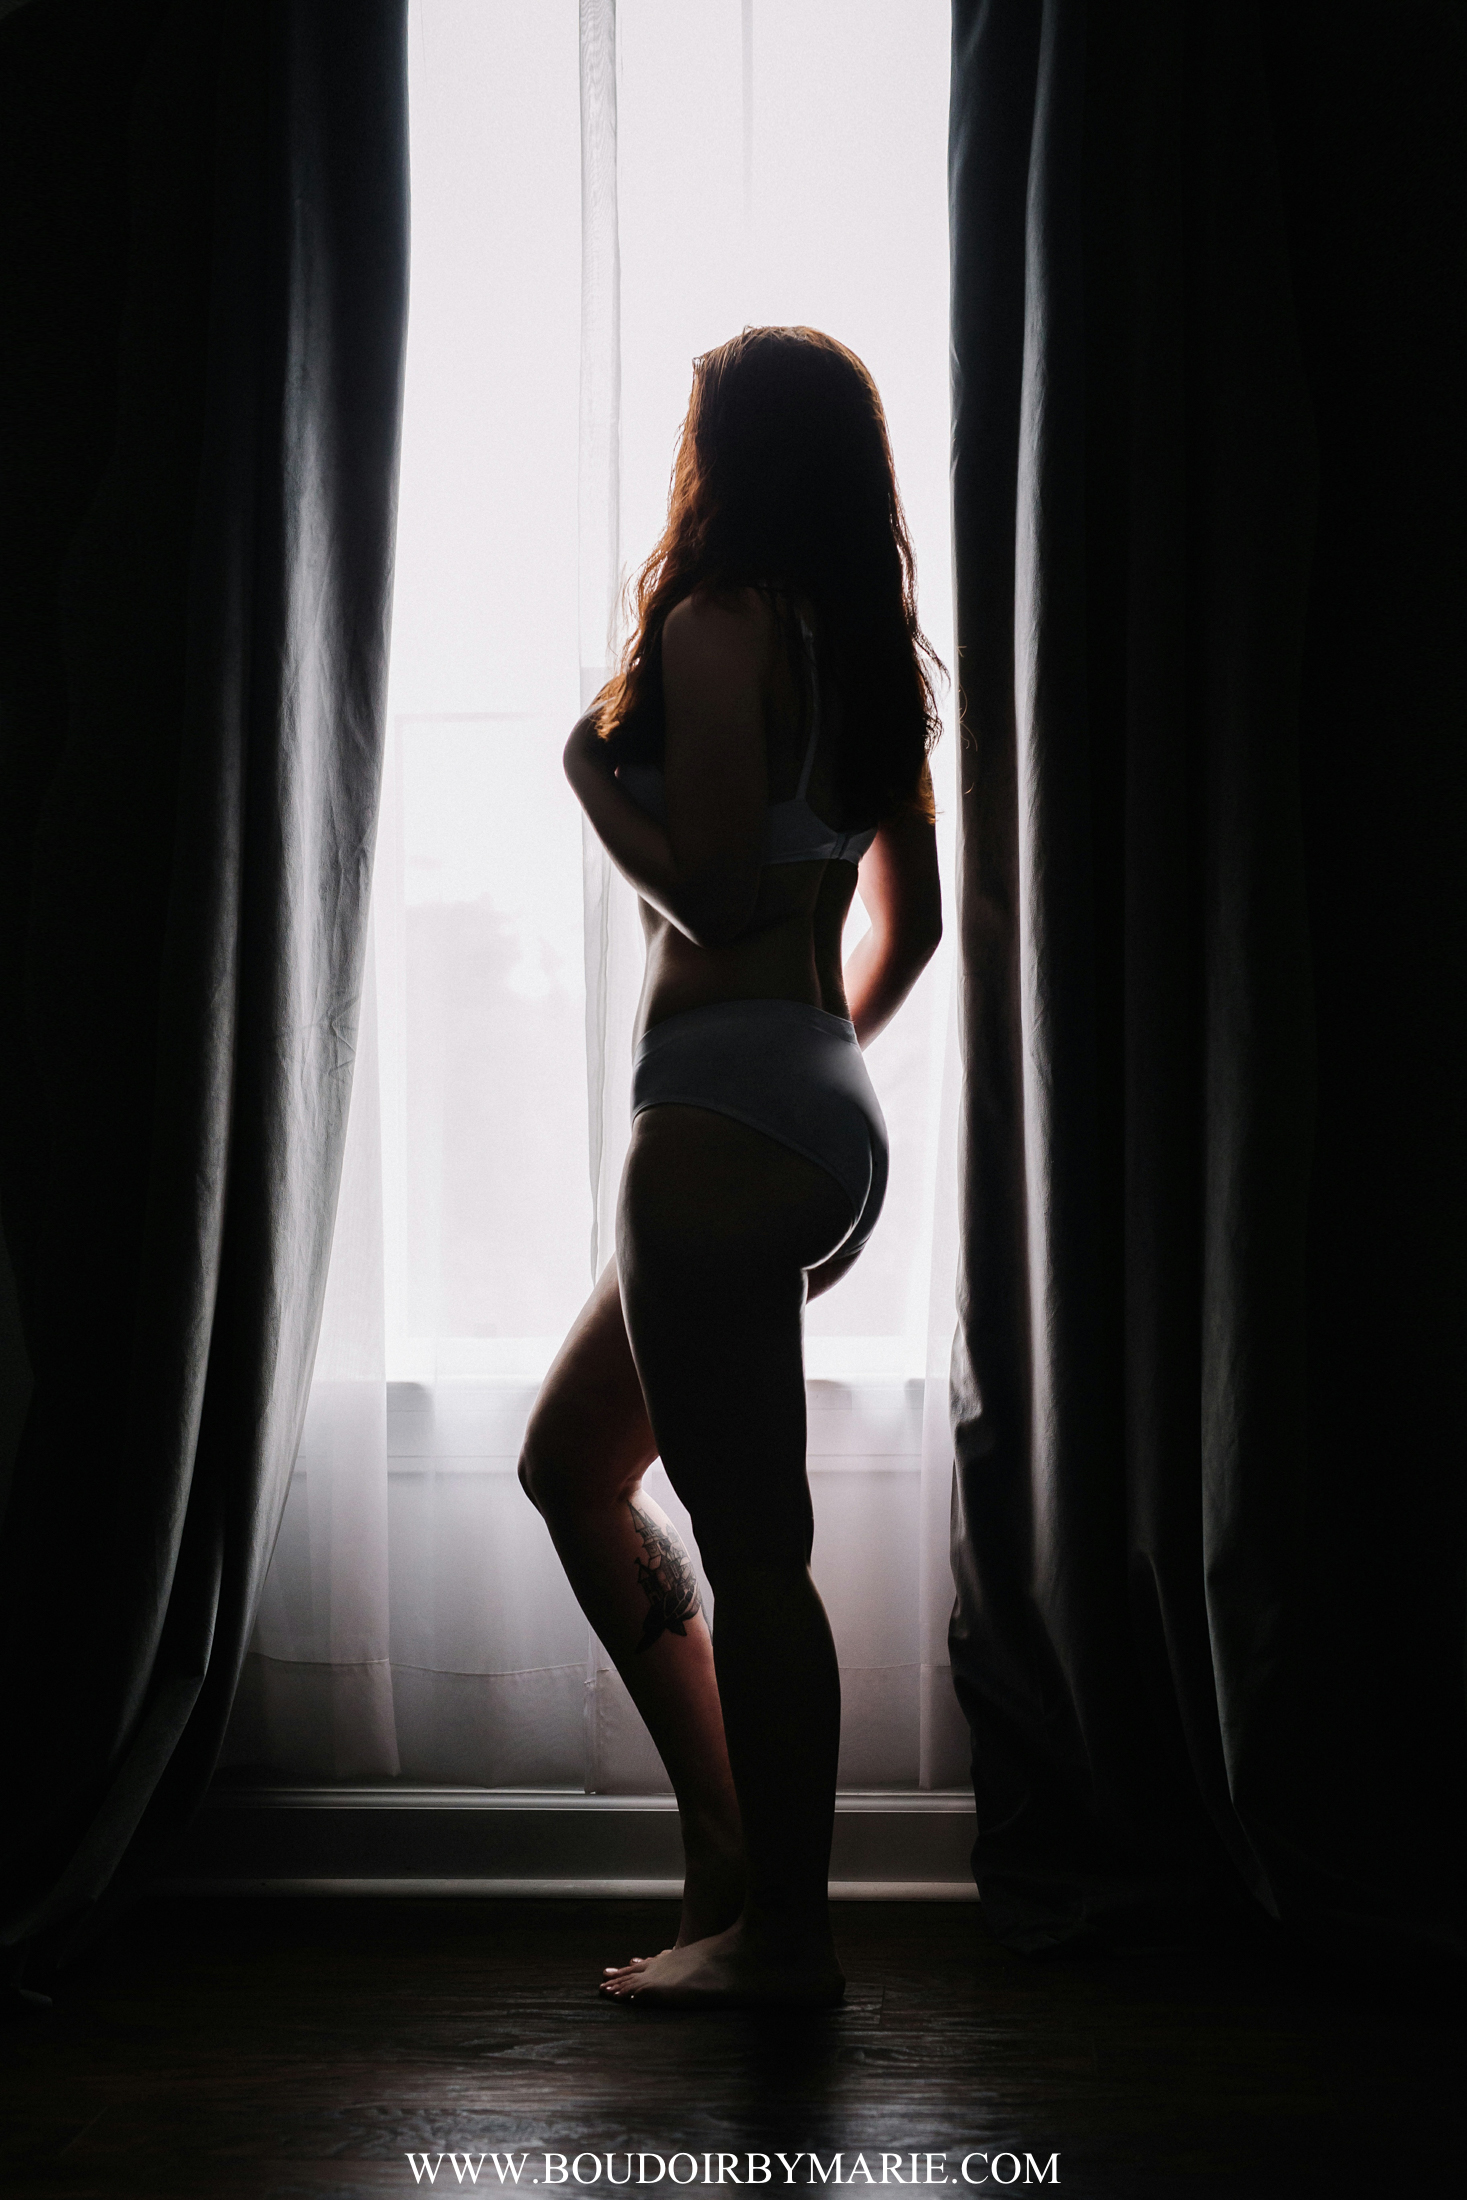 BoudoirbyMarie-StrippedDown-MissH-10.jpg